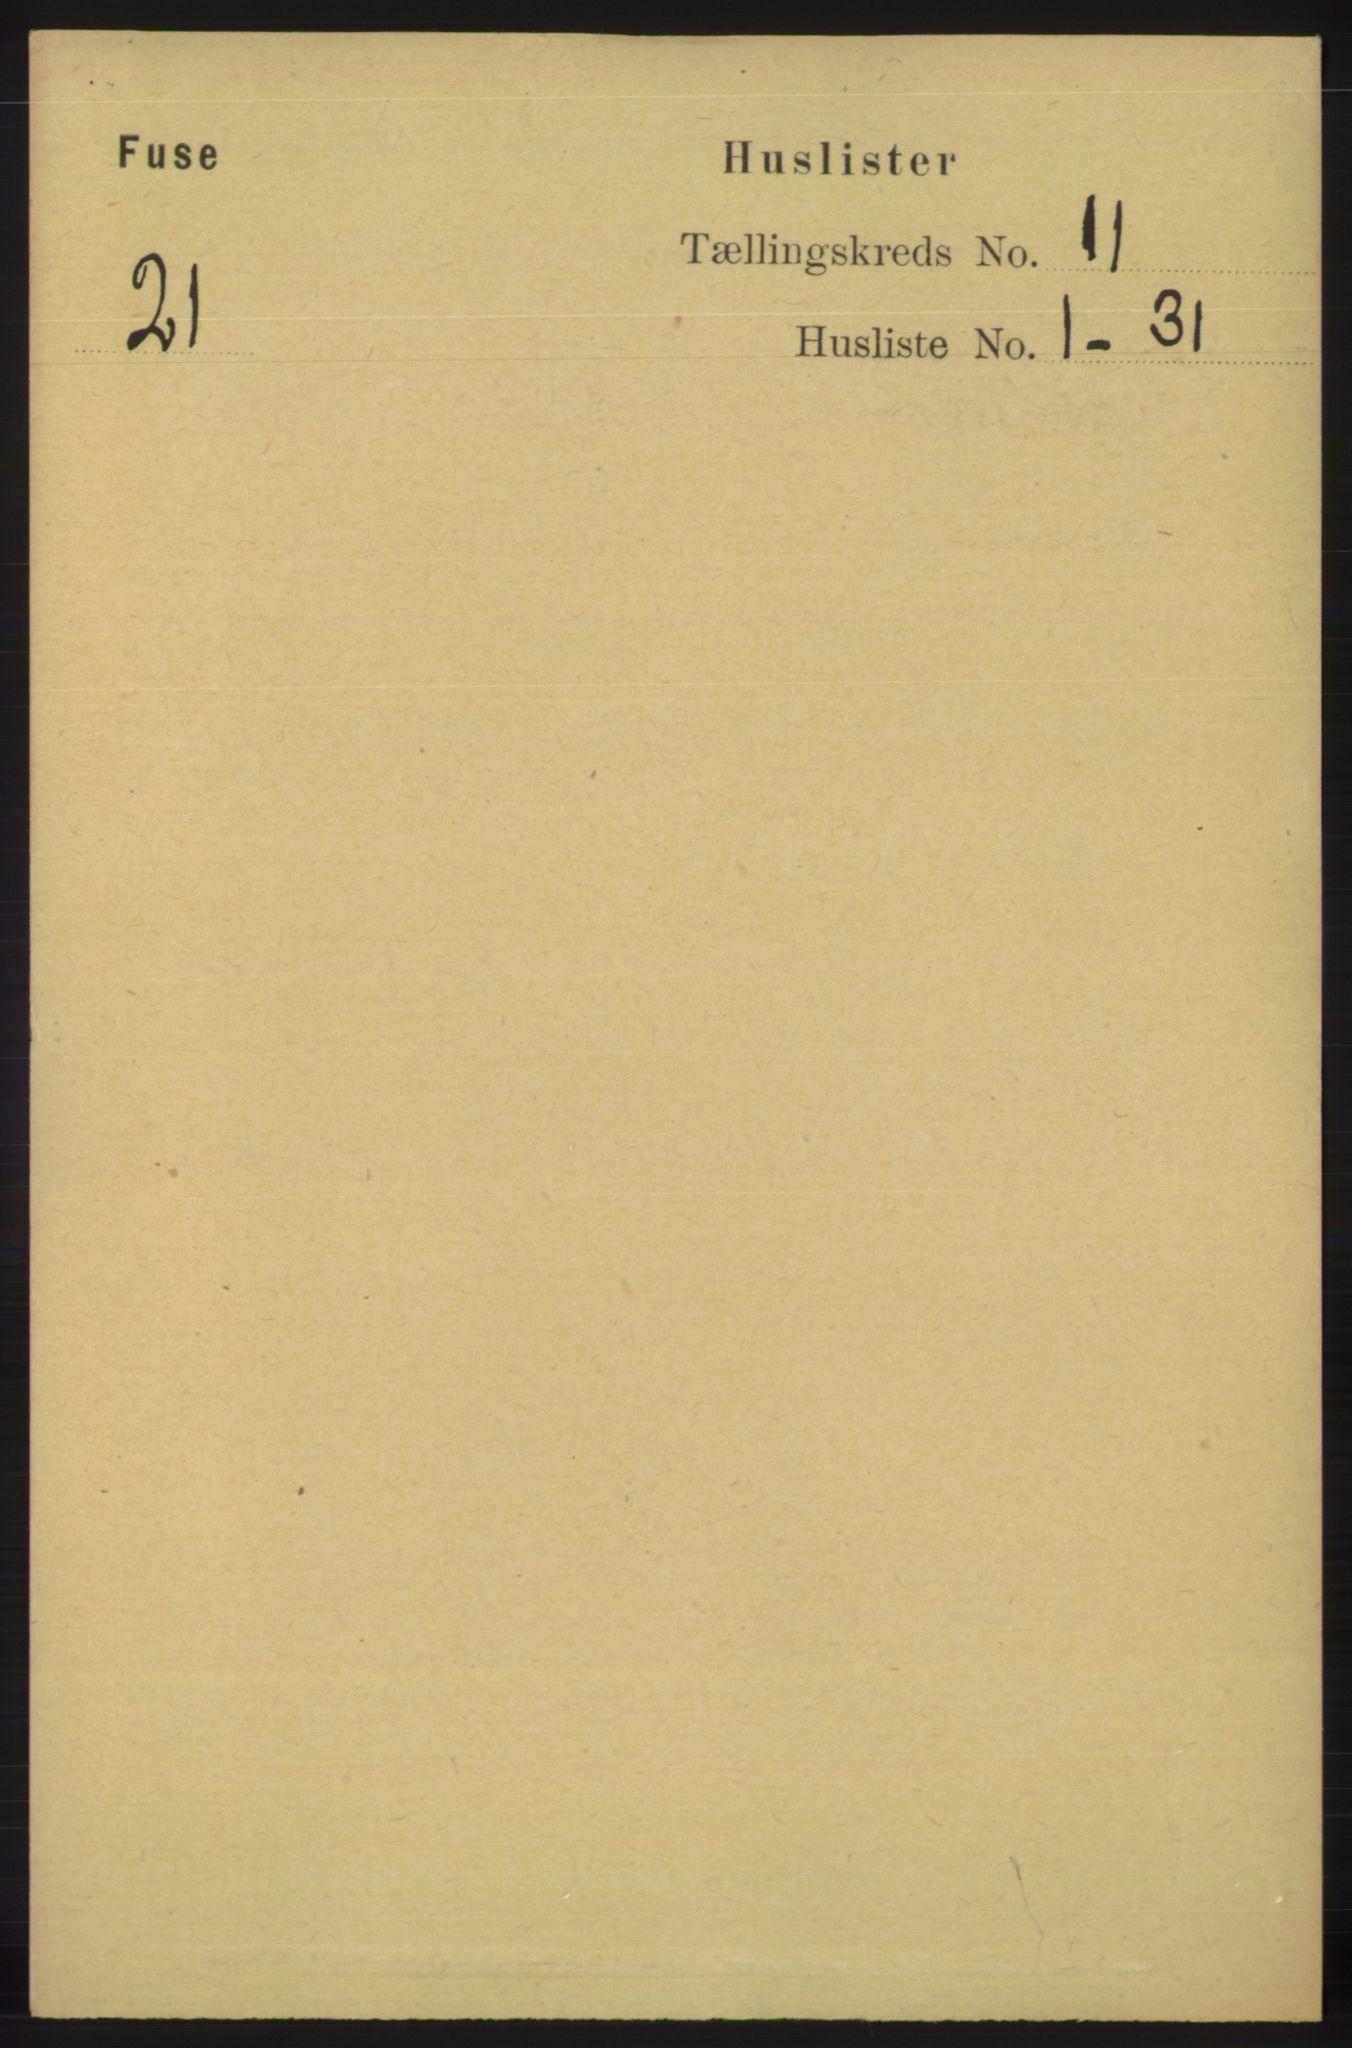 RA, Folketelling 1891 for 1241 Fusa herred, 1891, s. 2085